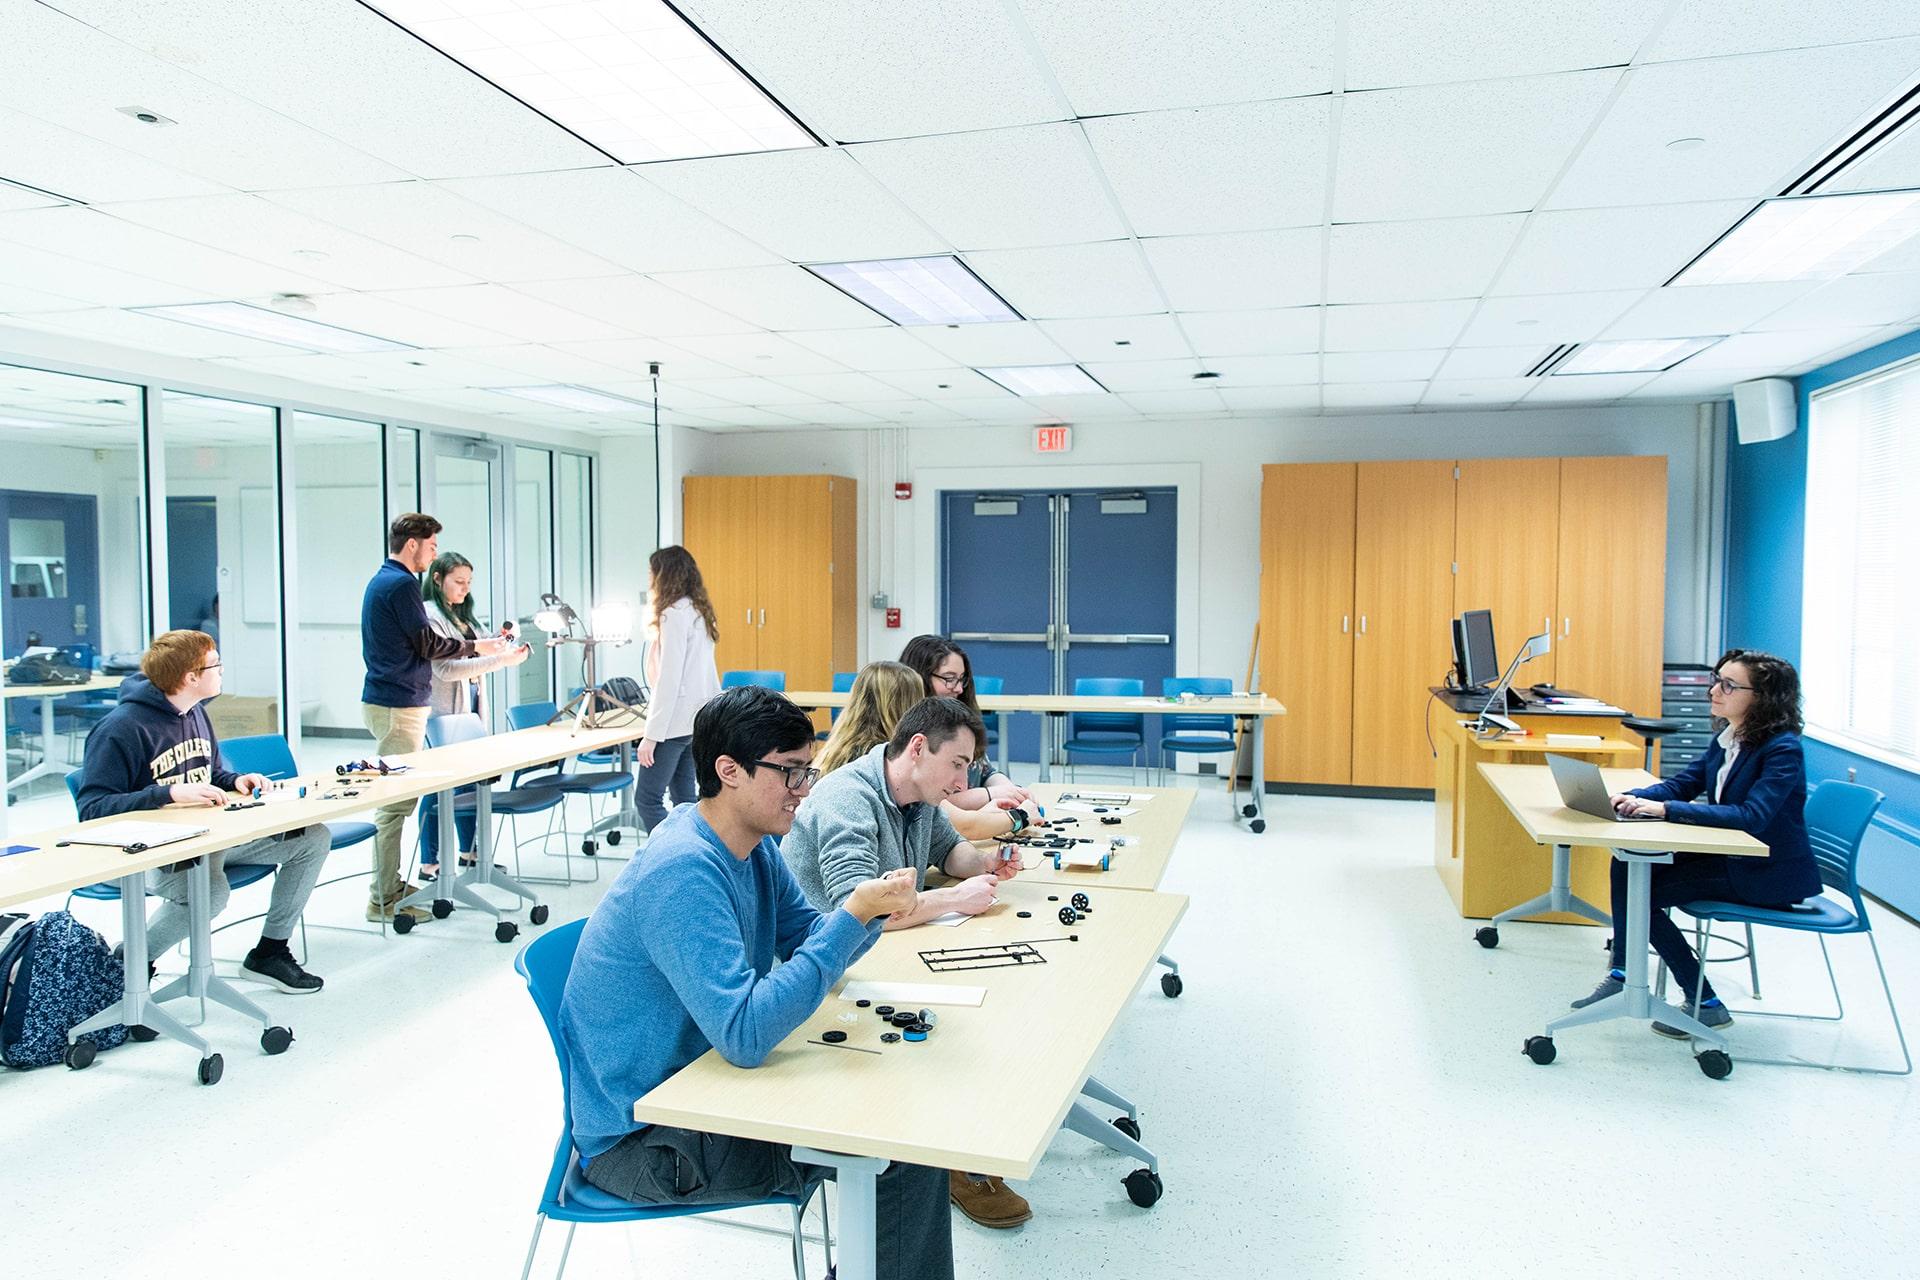 K-12 Education Classroom